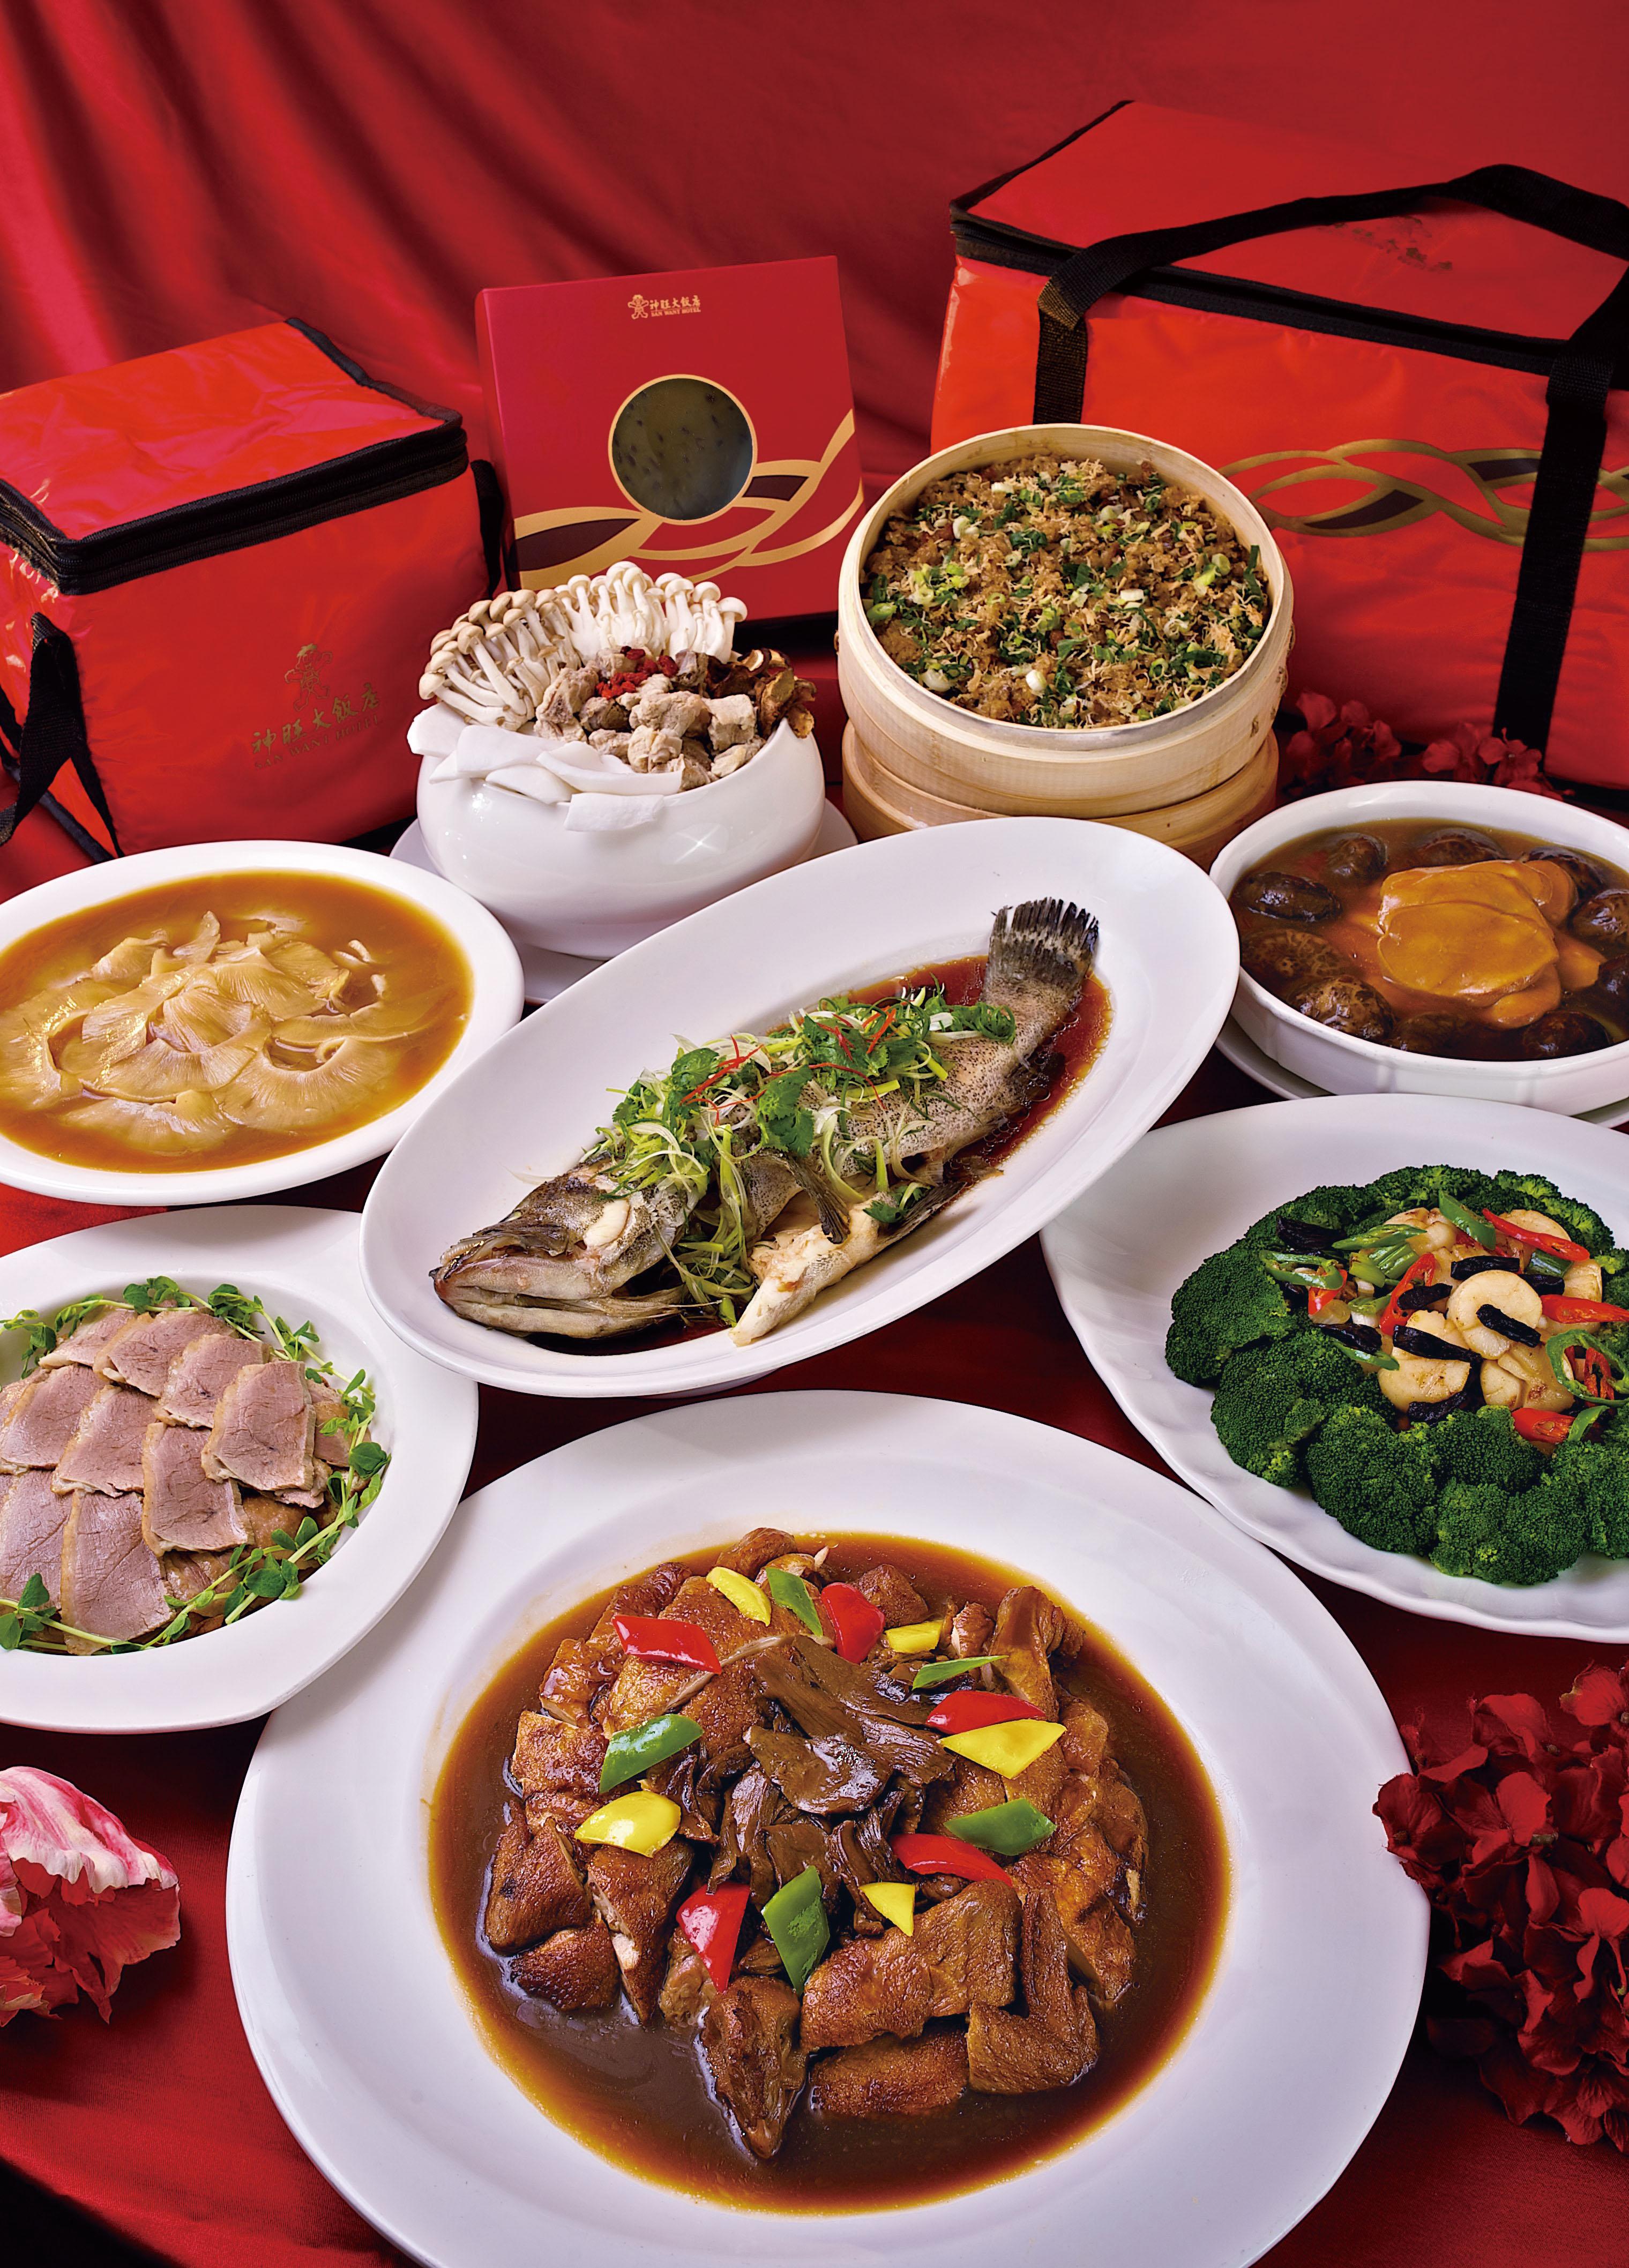 神旺大飯店伯品廊,首度推出當日鮮做外帶年菜組,早鳥享88折